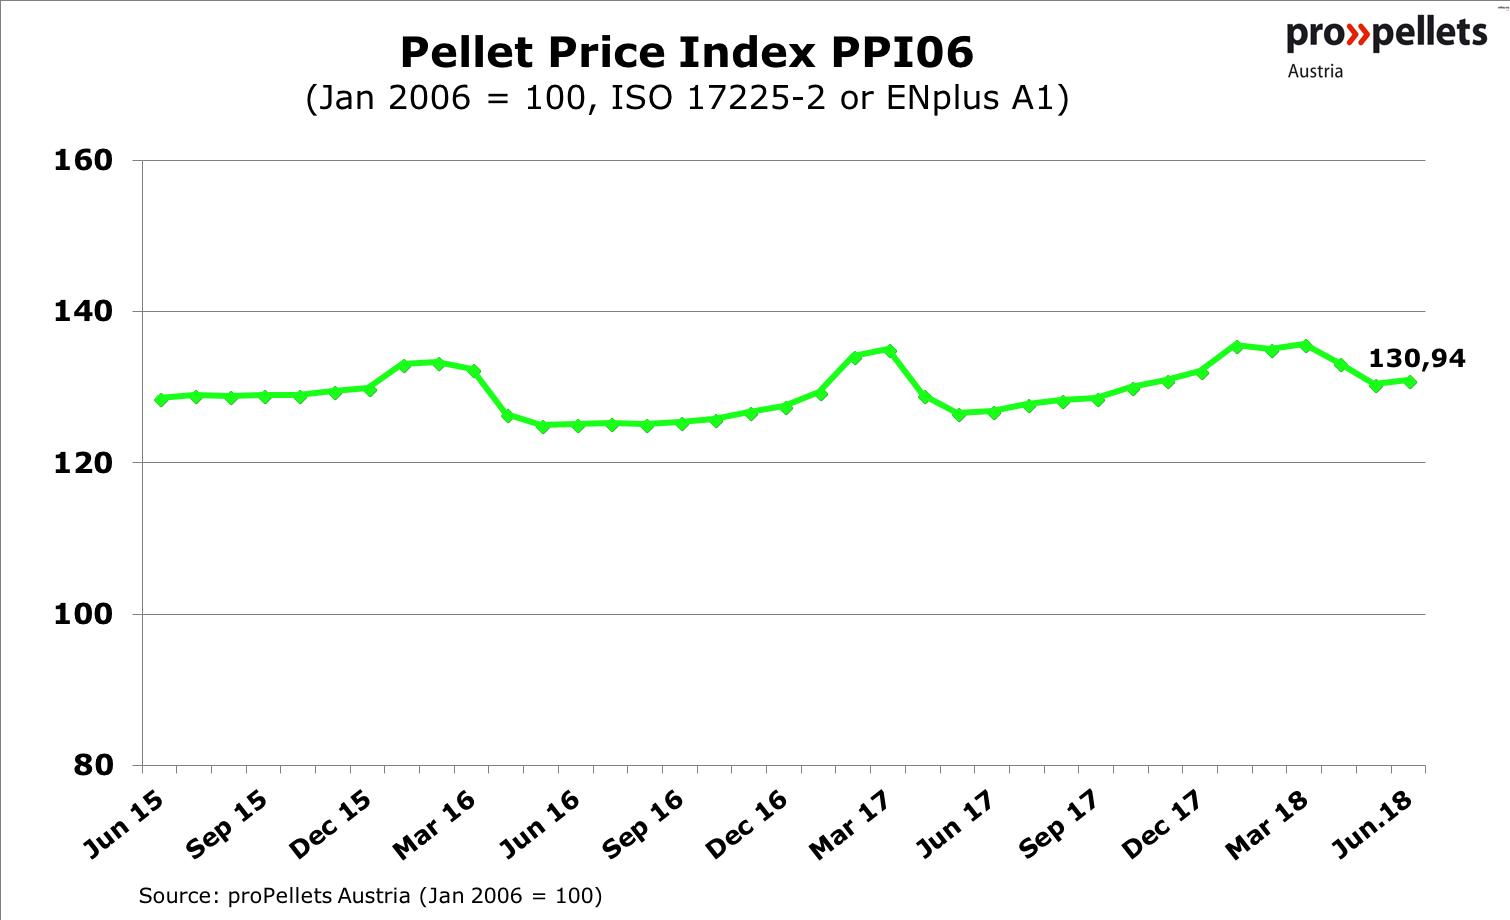 Pellet Price Index PPI06